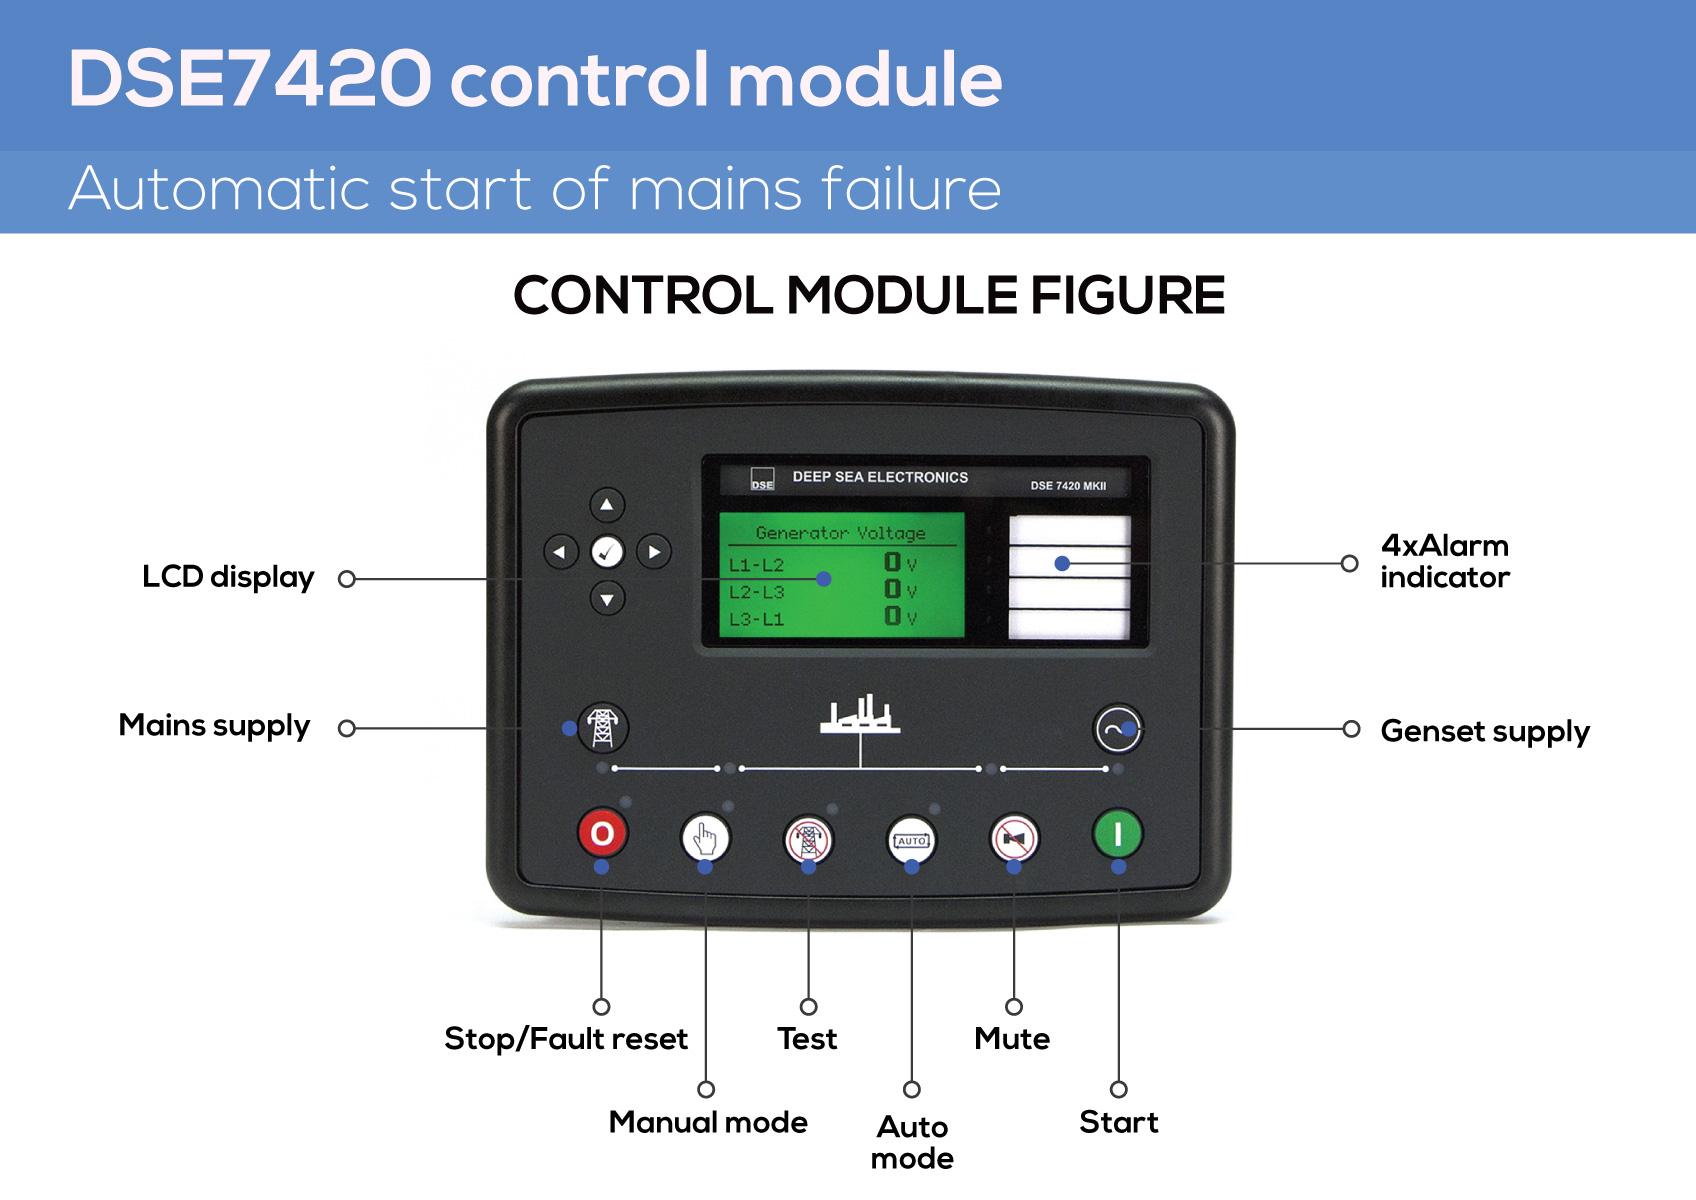 ระบบควบคุมการทำงานของเครื่องกำเนิดไฟฟ้า